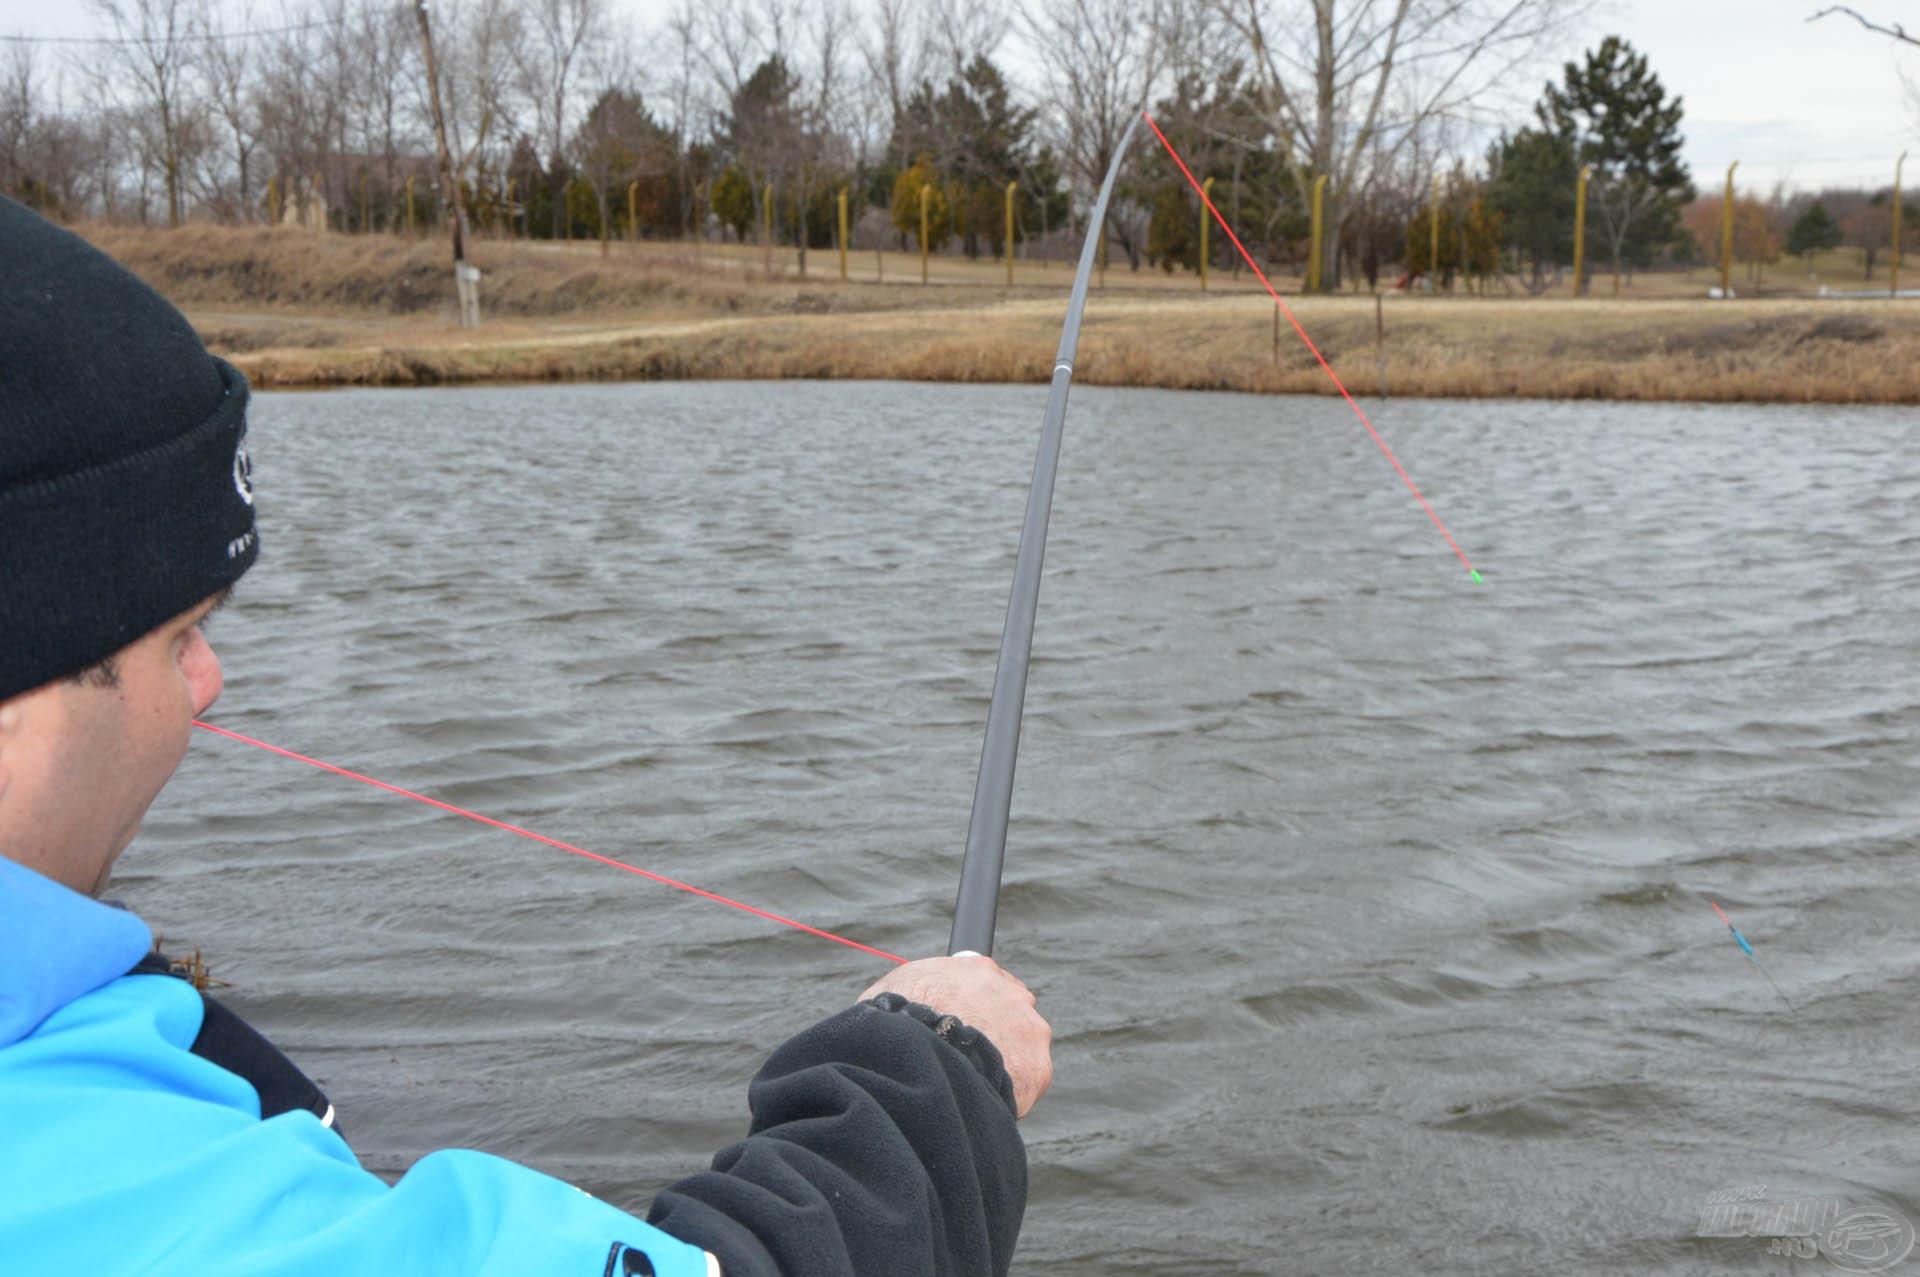 Rövidítés után az oldalt kivezetett gumival elkezdhetjük visszanyerni azt, amit a hal kihúzott